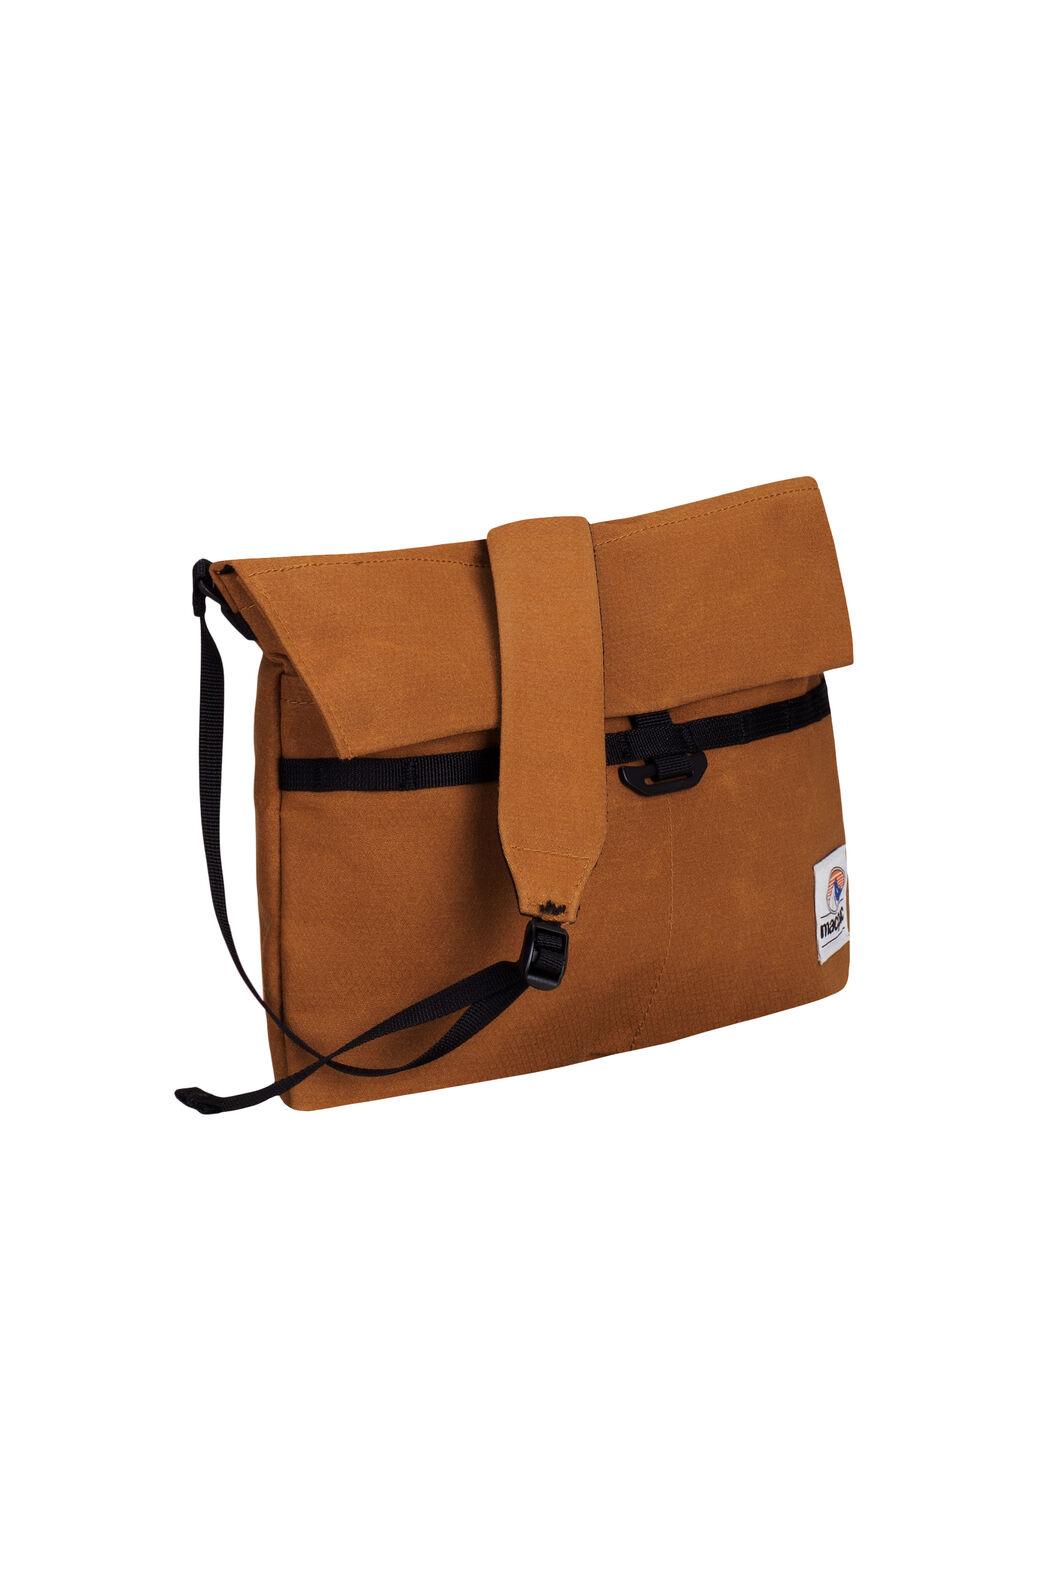 Macpac Musette AzTec® 3L Travel Bag, Tussock, hi-res